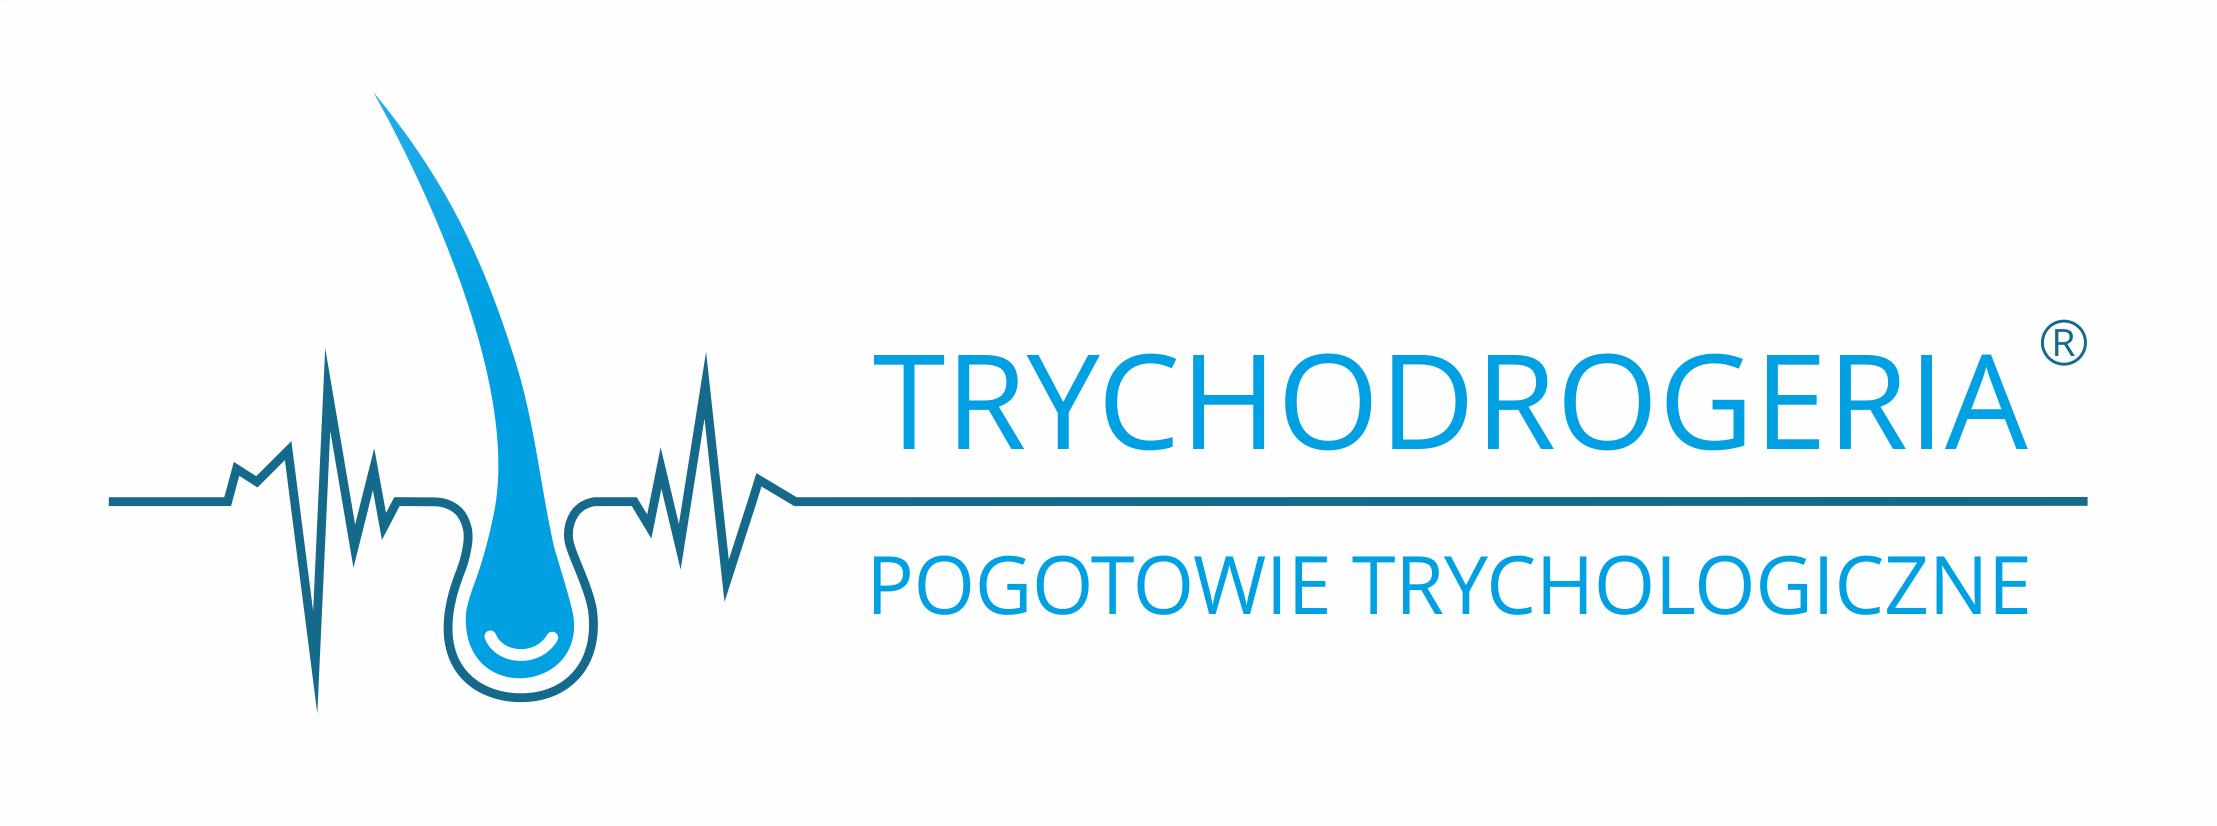 Trychodrogeria | Pogotowie Trychologiczne